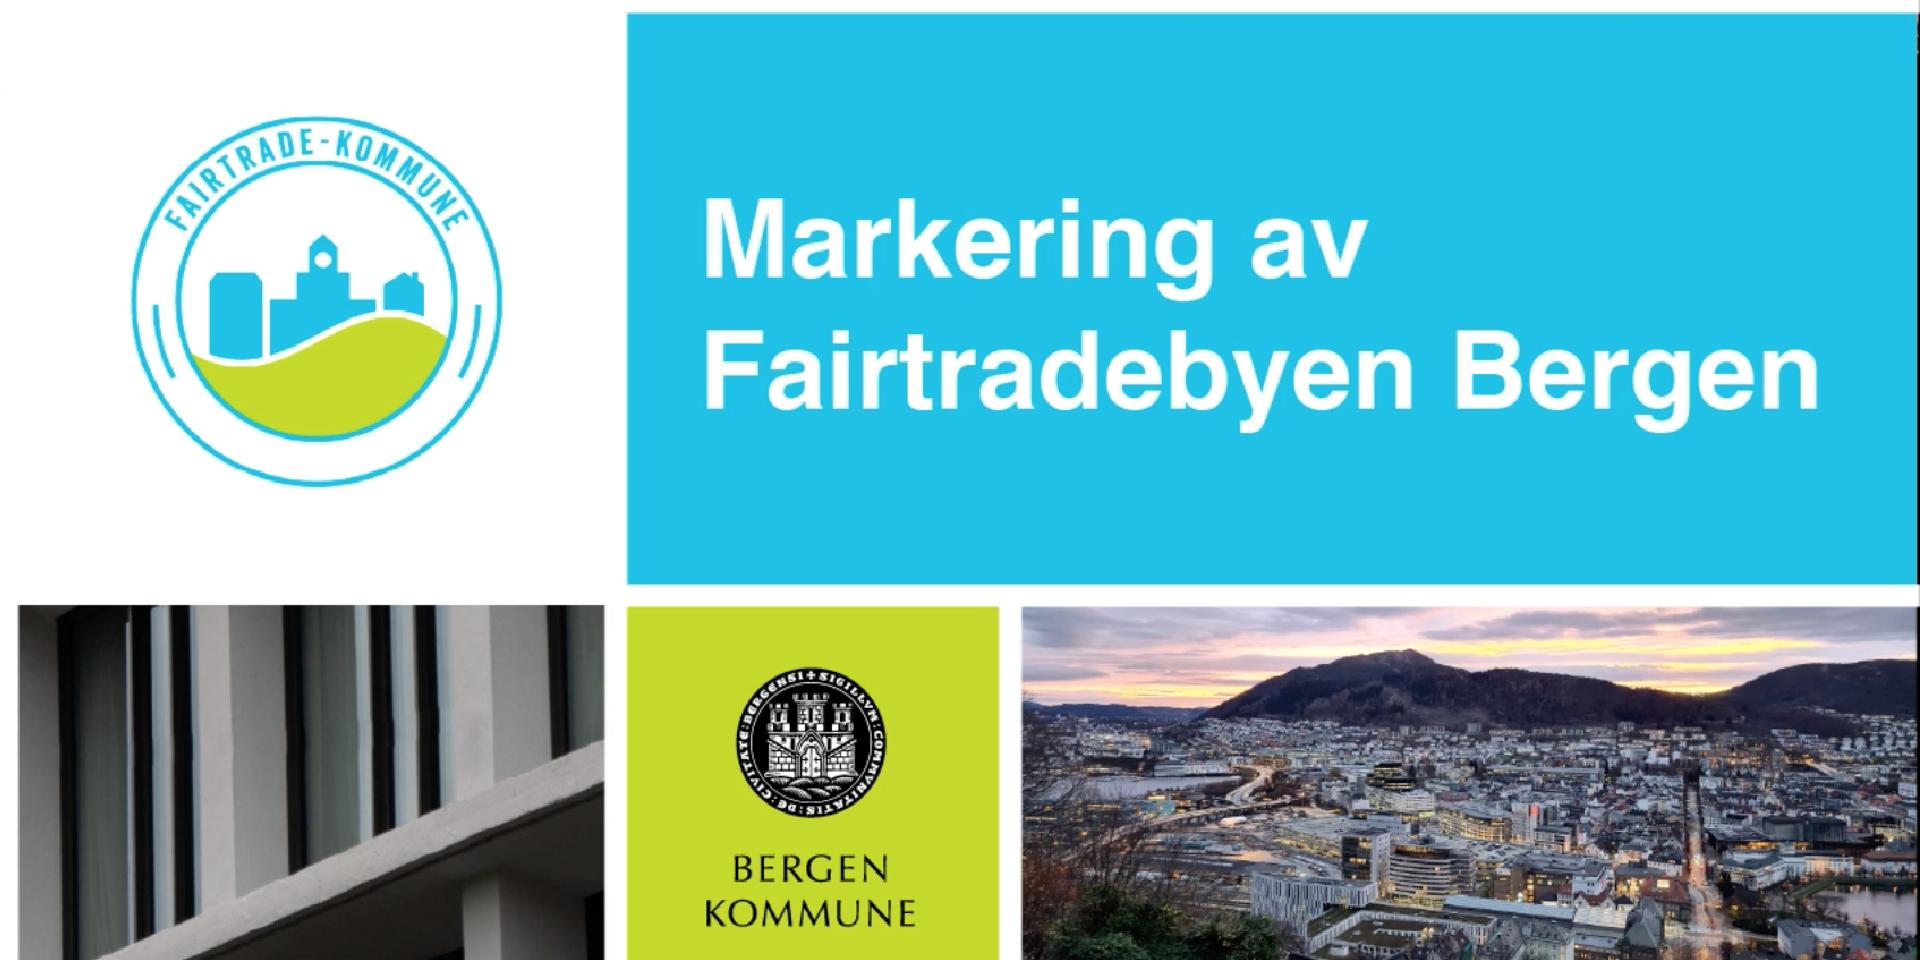 Fairtrade Bergen